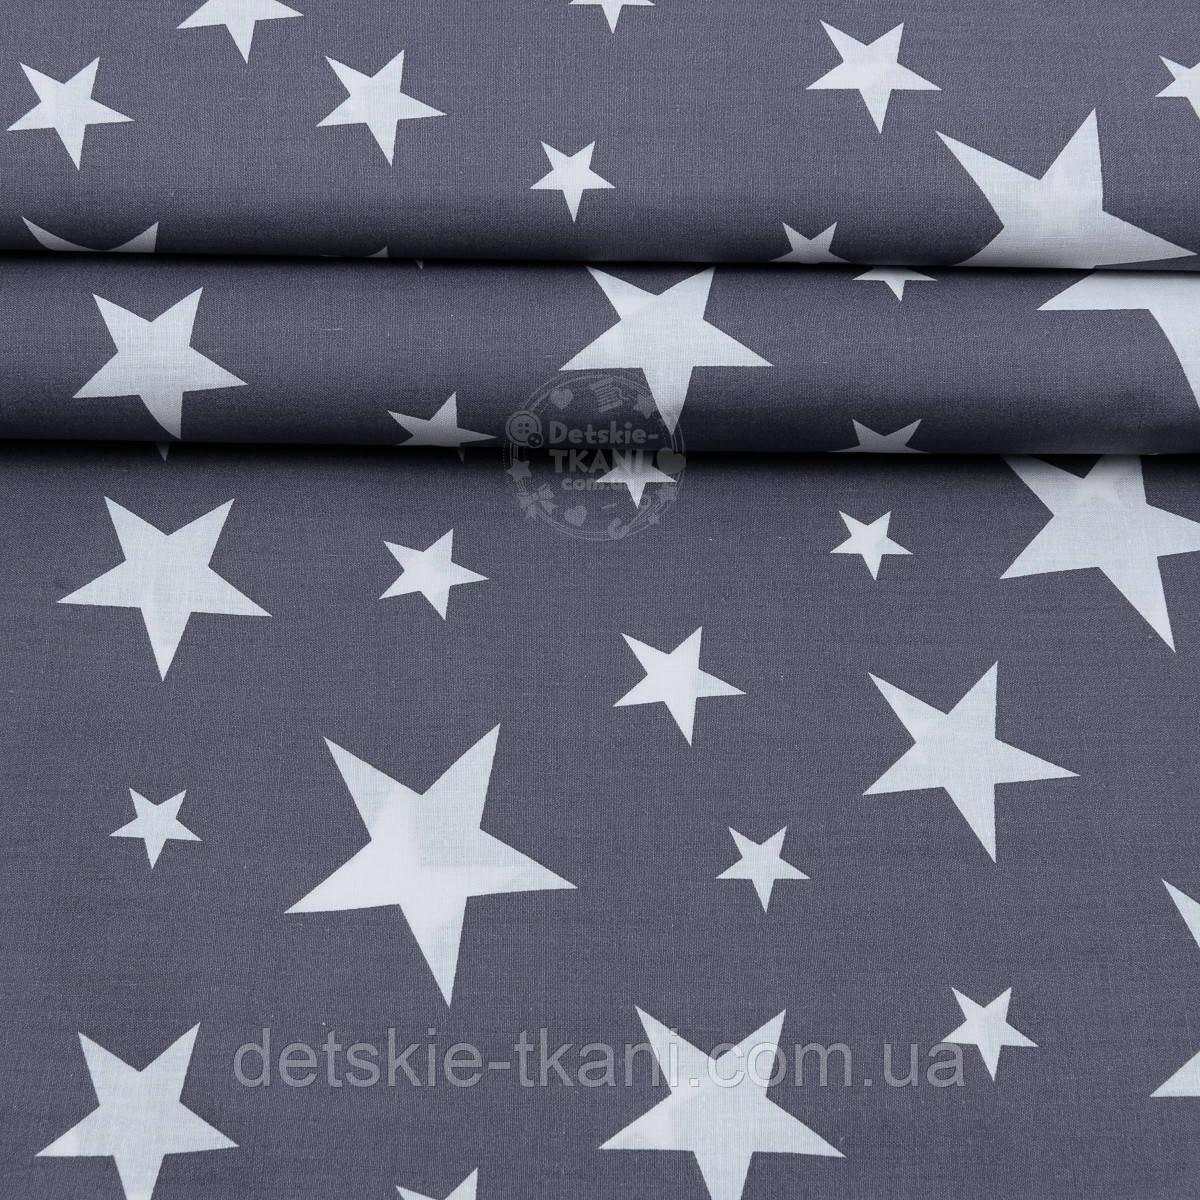 """Ранфорс ткань шириной 220 см с рисунком """"Звёзды разных размеров"""" белые на графитовом (№1752)"""